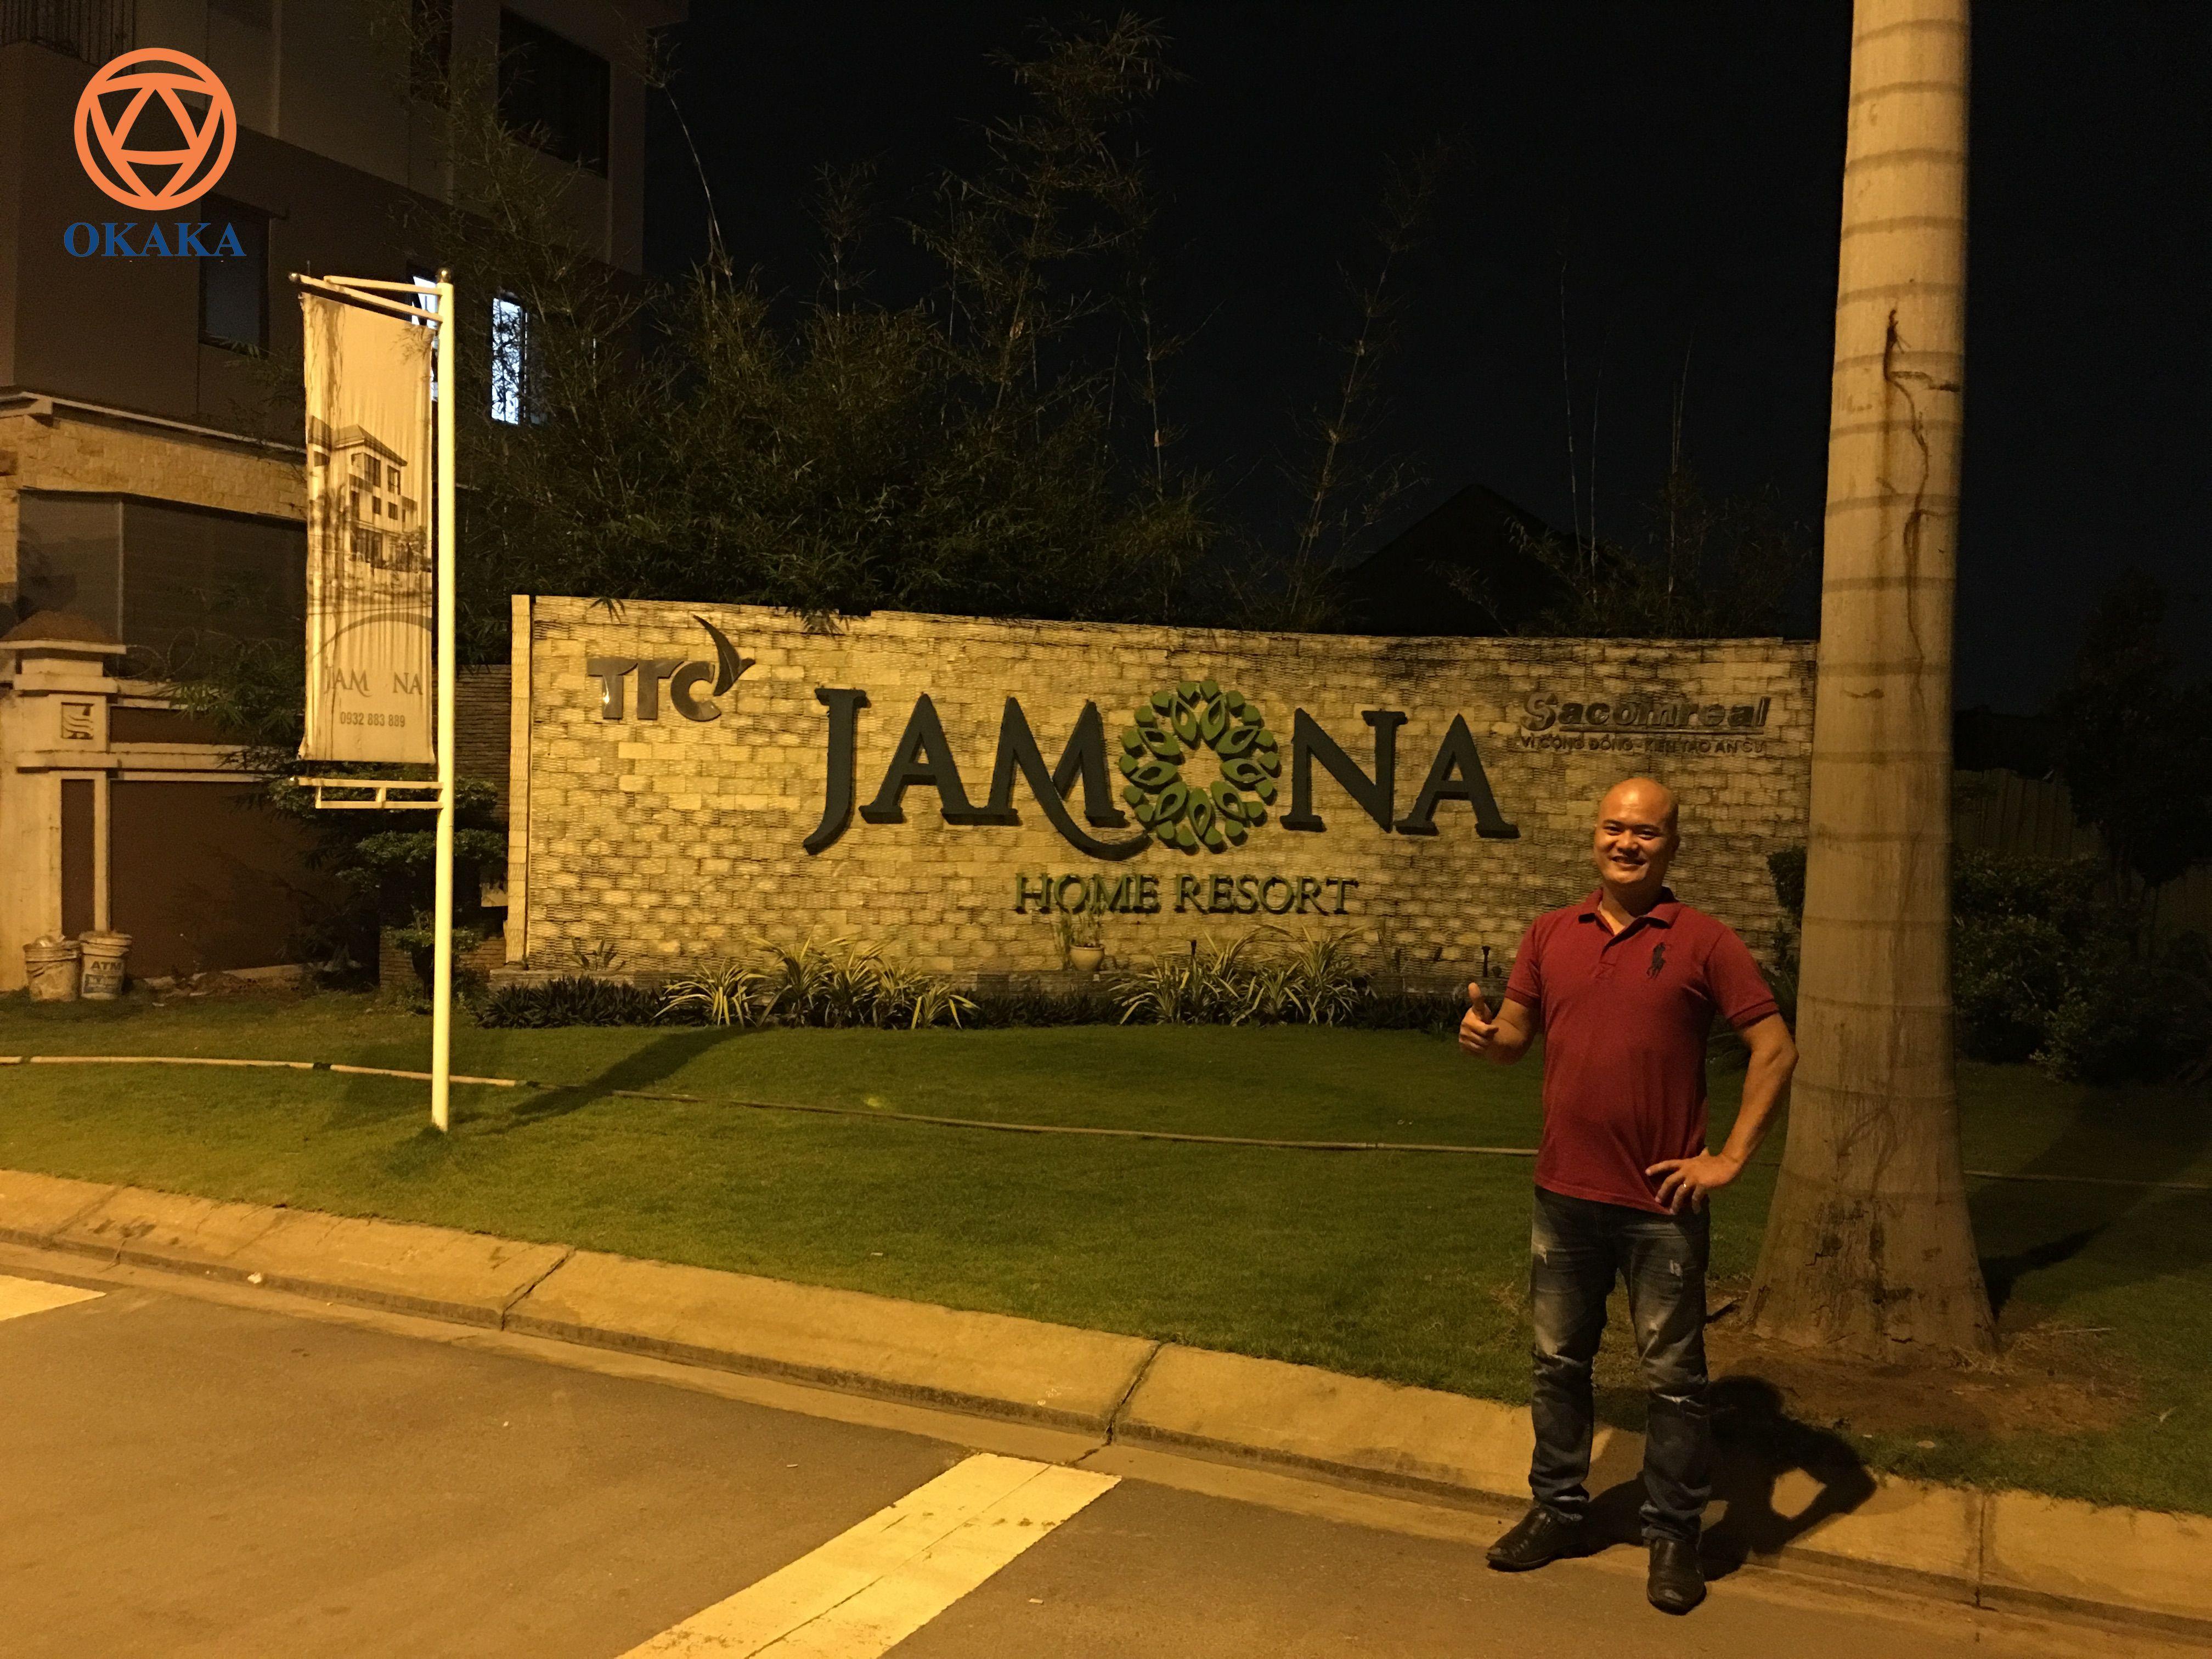 Chiều tối hôm qua, OKAKA đã giao đàn piano điện Roland RP-501R cho anh Bình ở khu dự án Jamona Home Resort thuộc phường Hiệp Bình Phước, quận Thủ Đức.